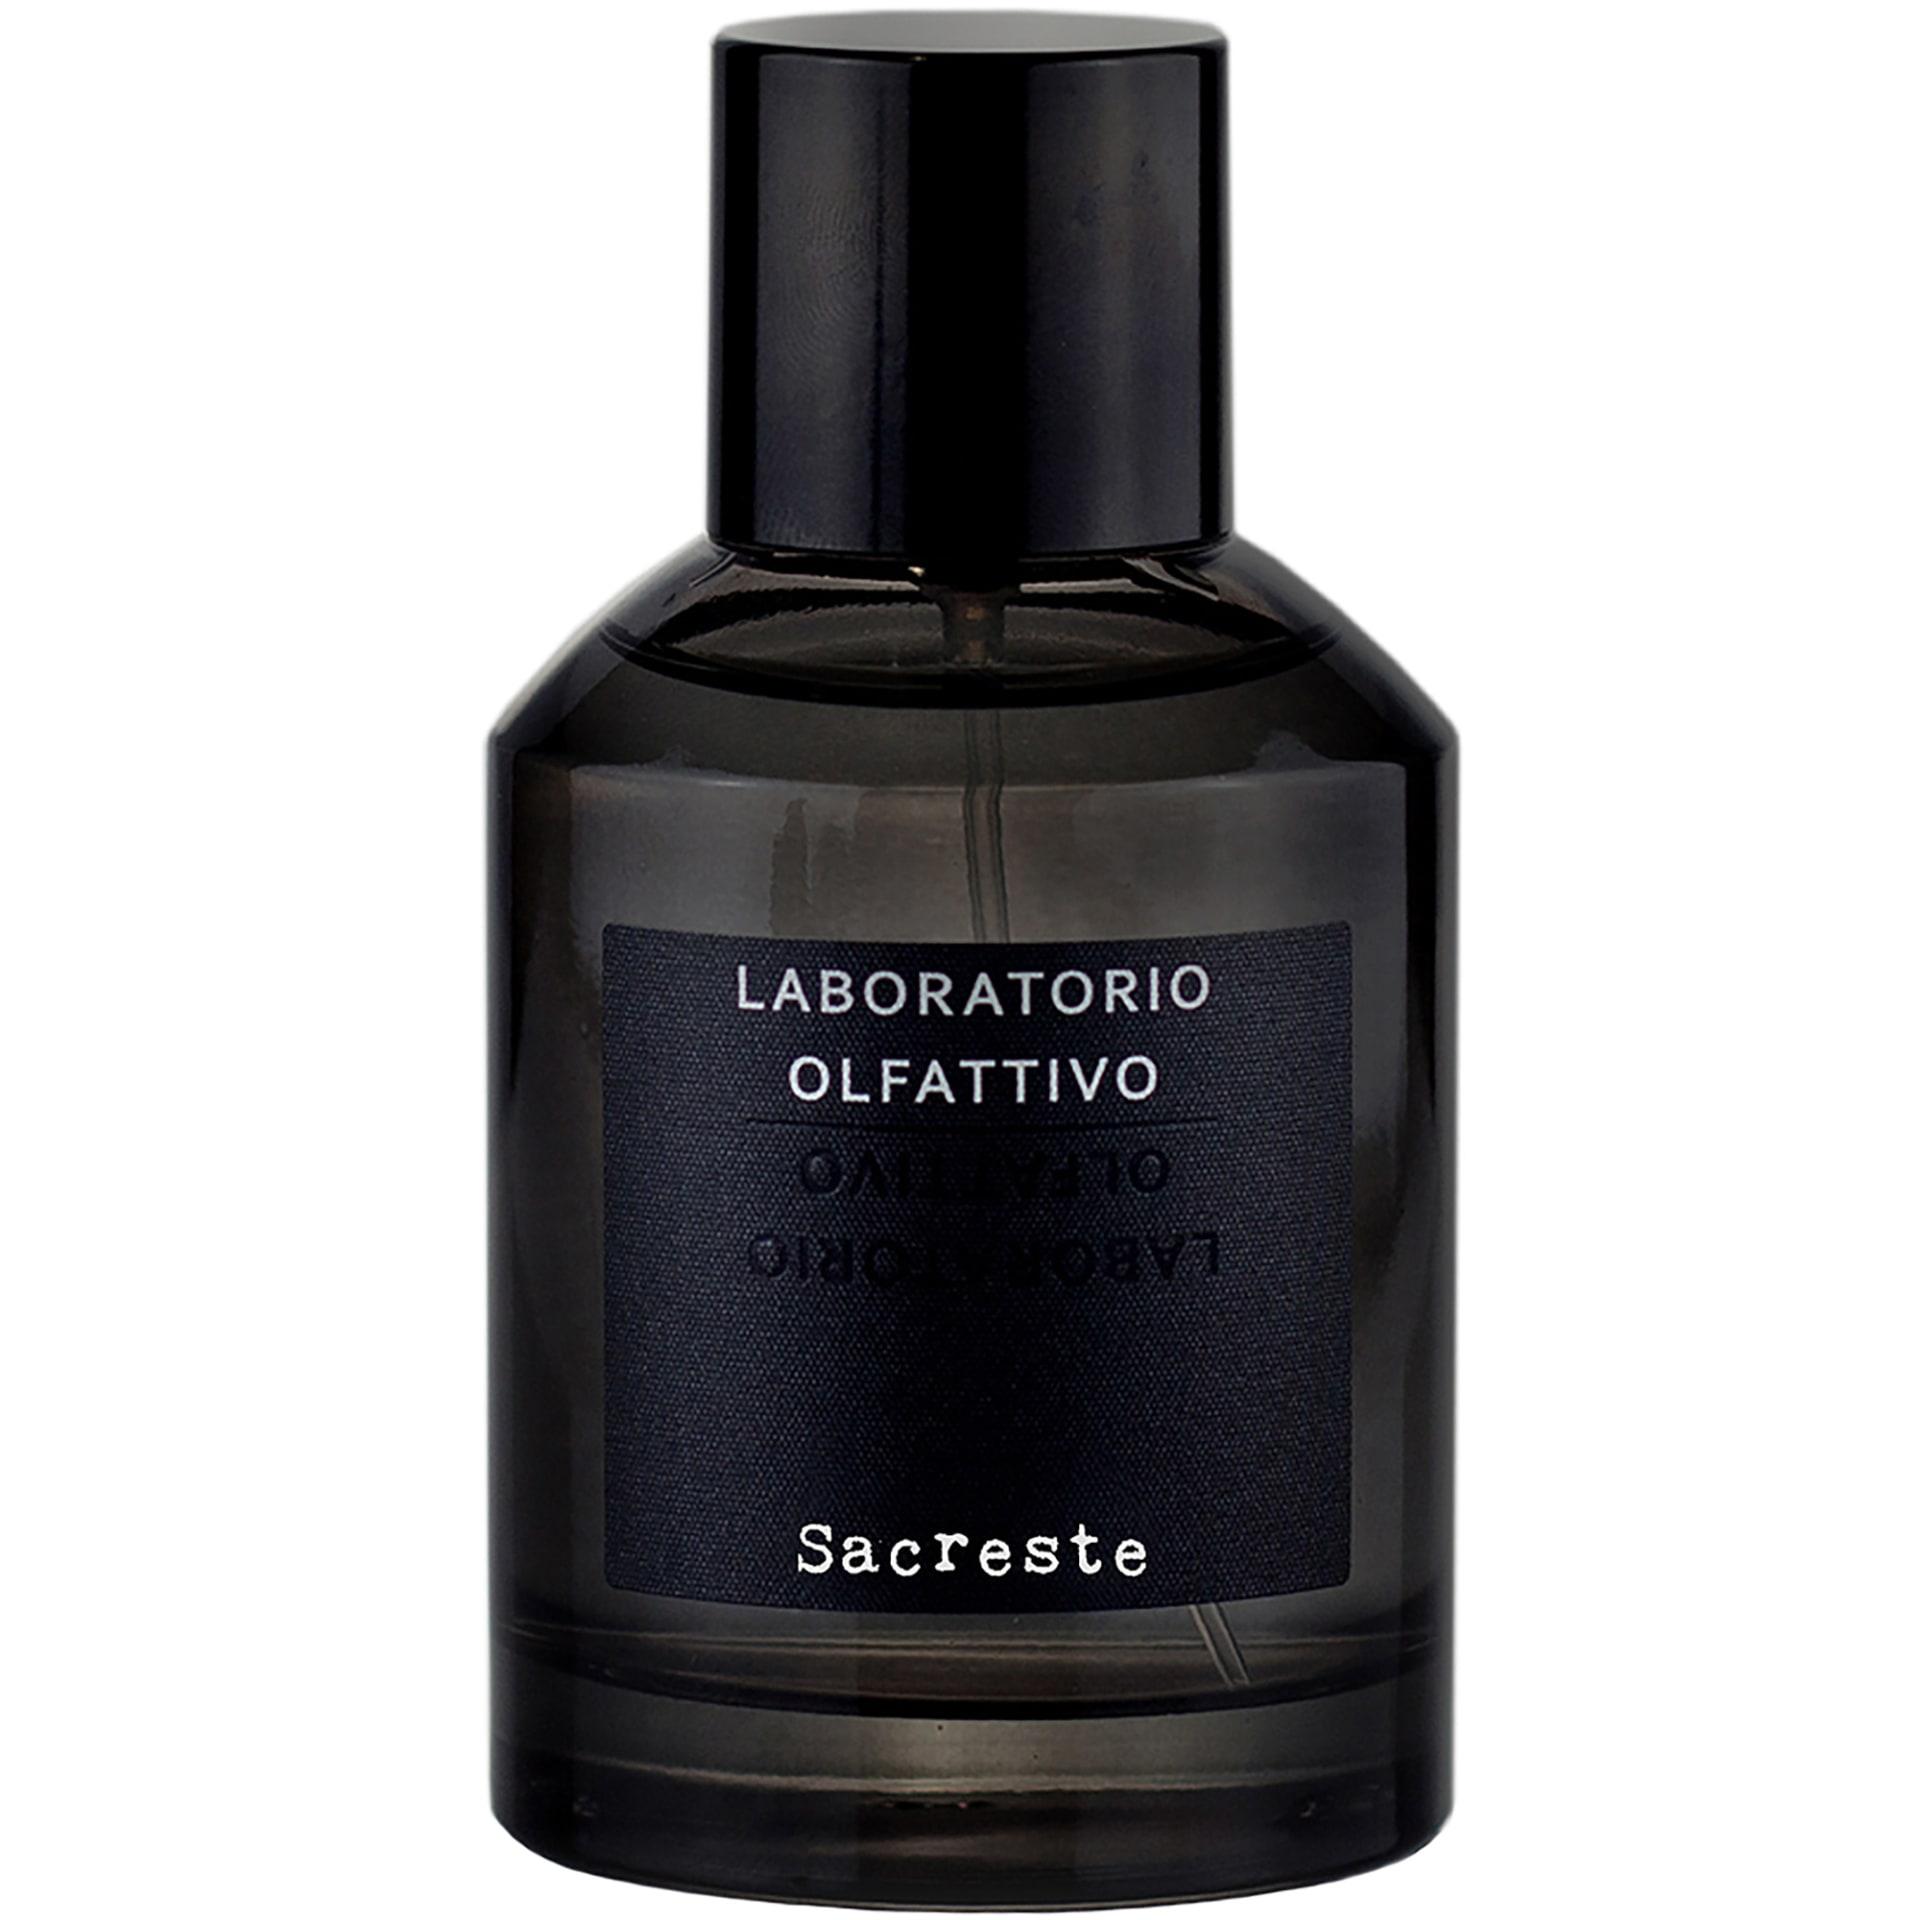 laboratorio-olfattivo-sacreste